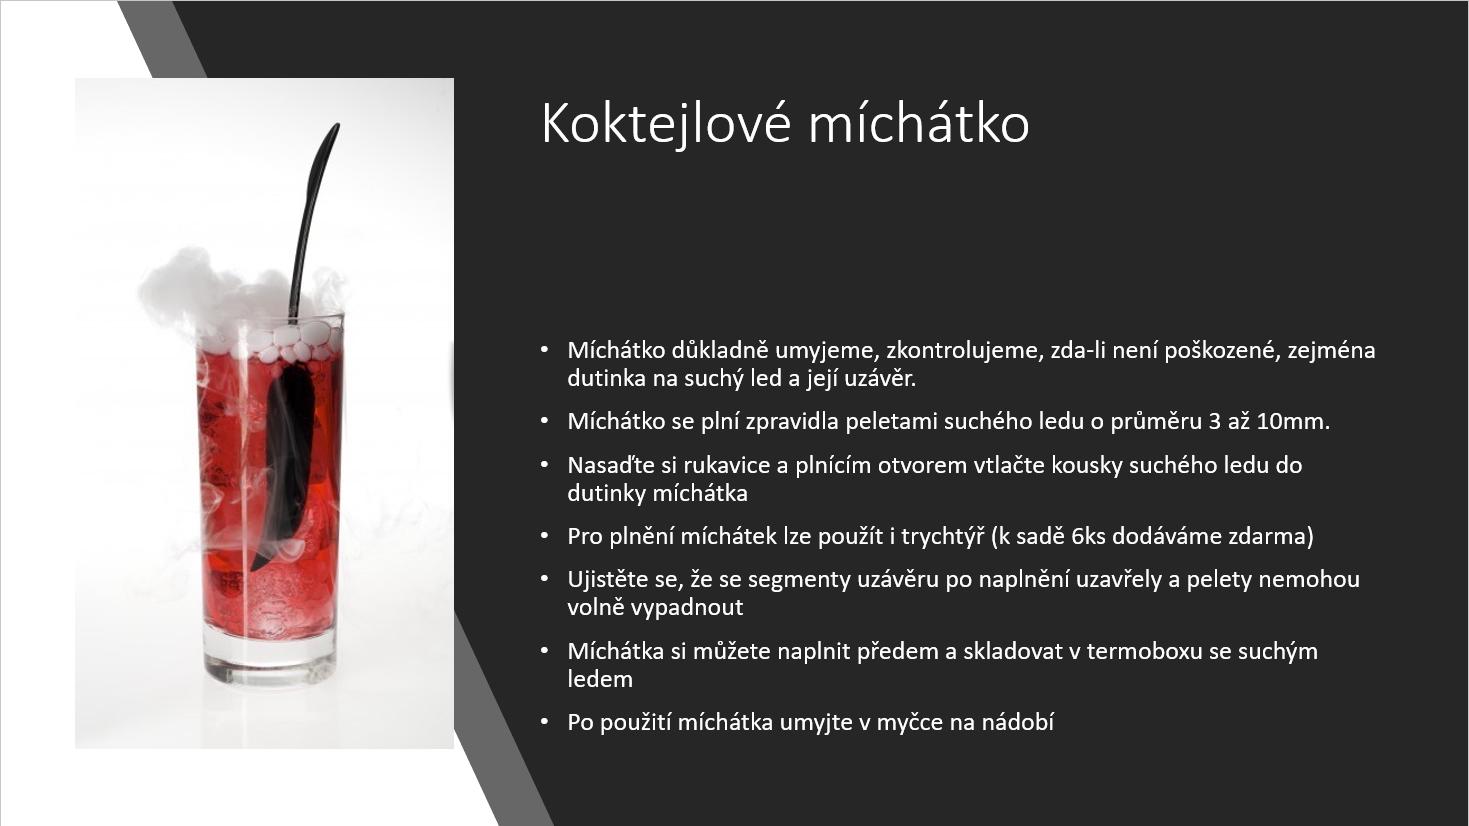 mychatko